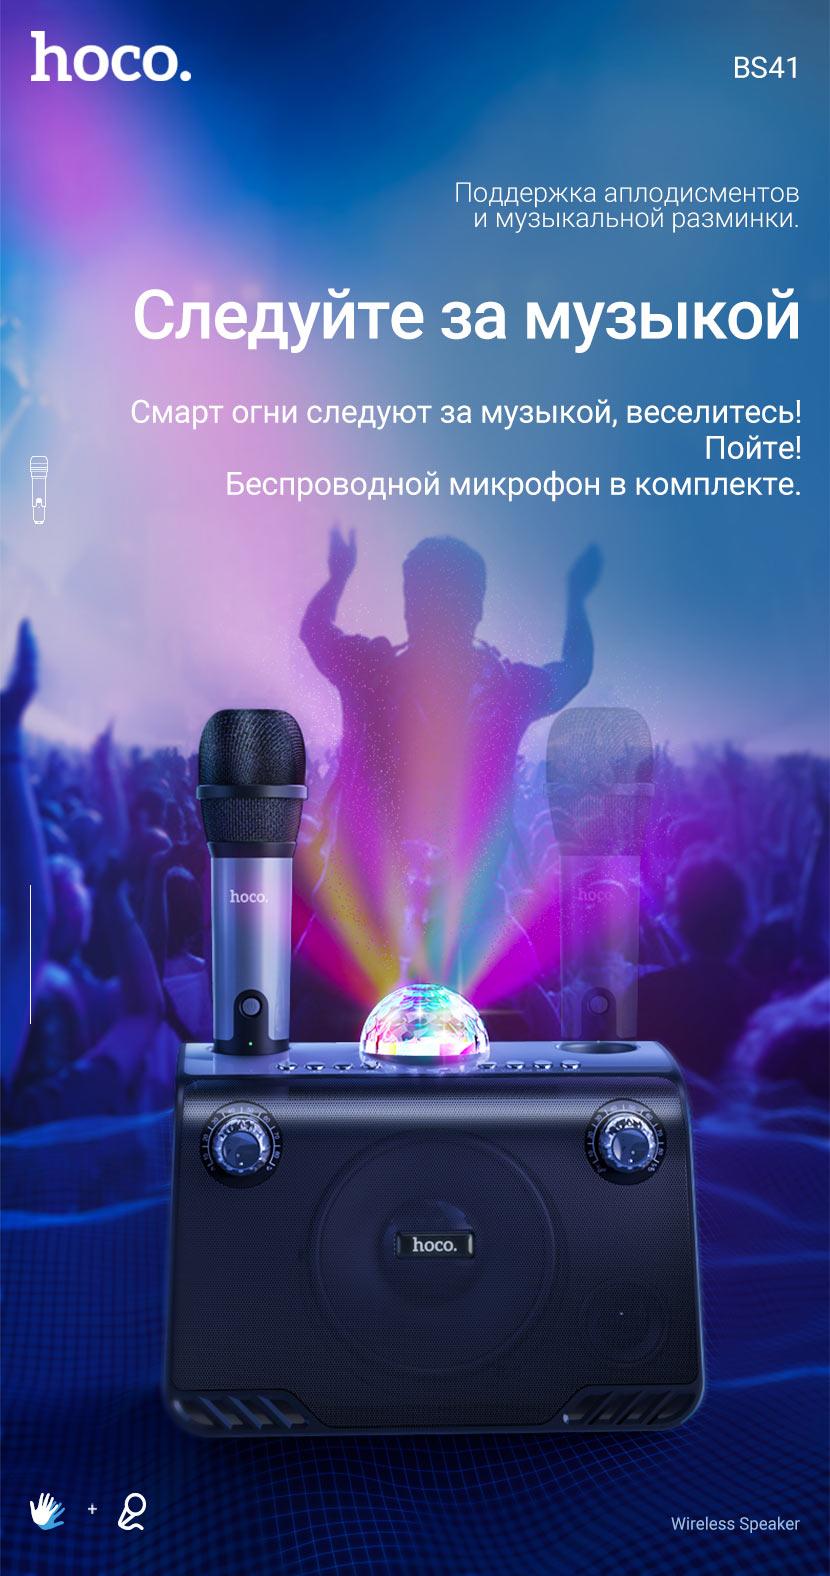 hoco news bs41 warm sound k song wireless speaker microphone ru